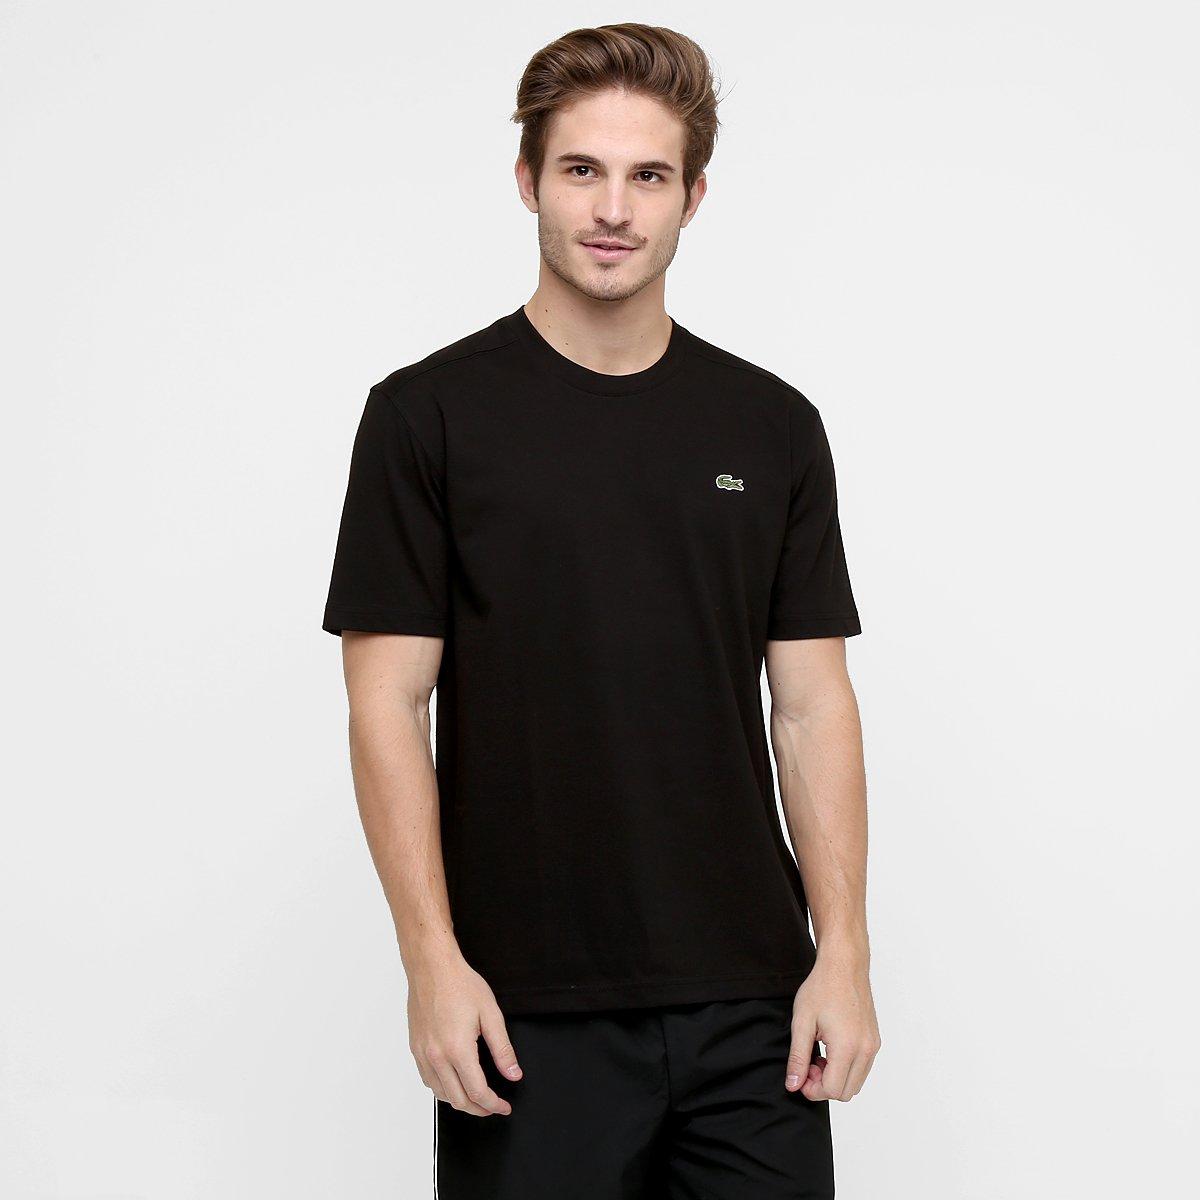 0acbf999c56a6 Camiseta Lacoste Gola Careca - Preto - Compre Agora   Netshoes